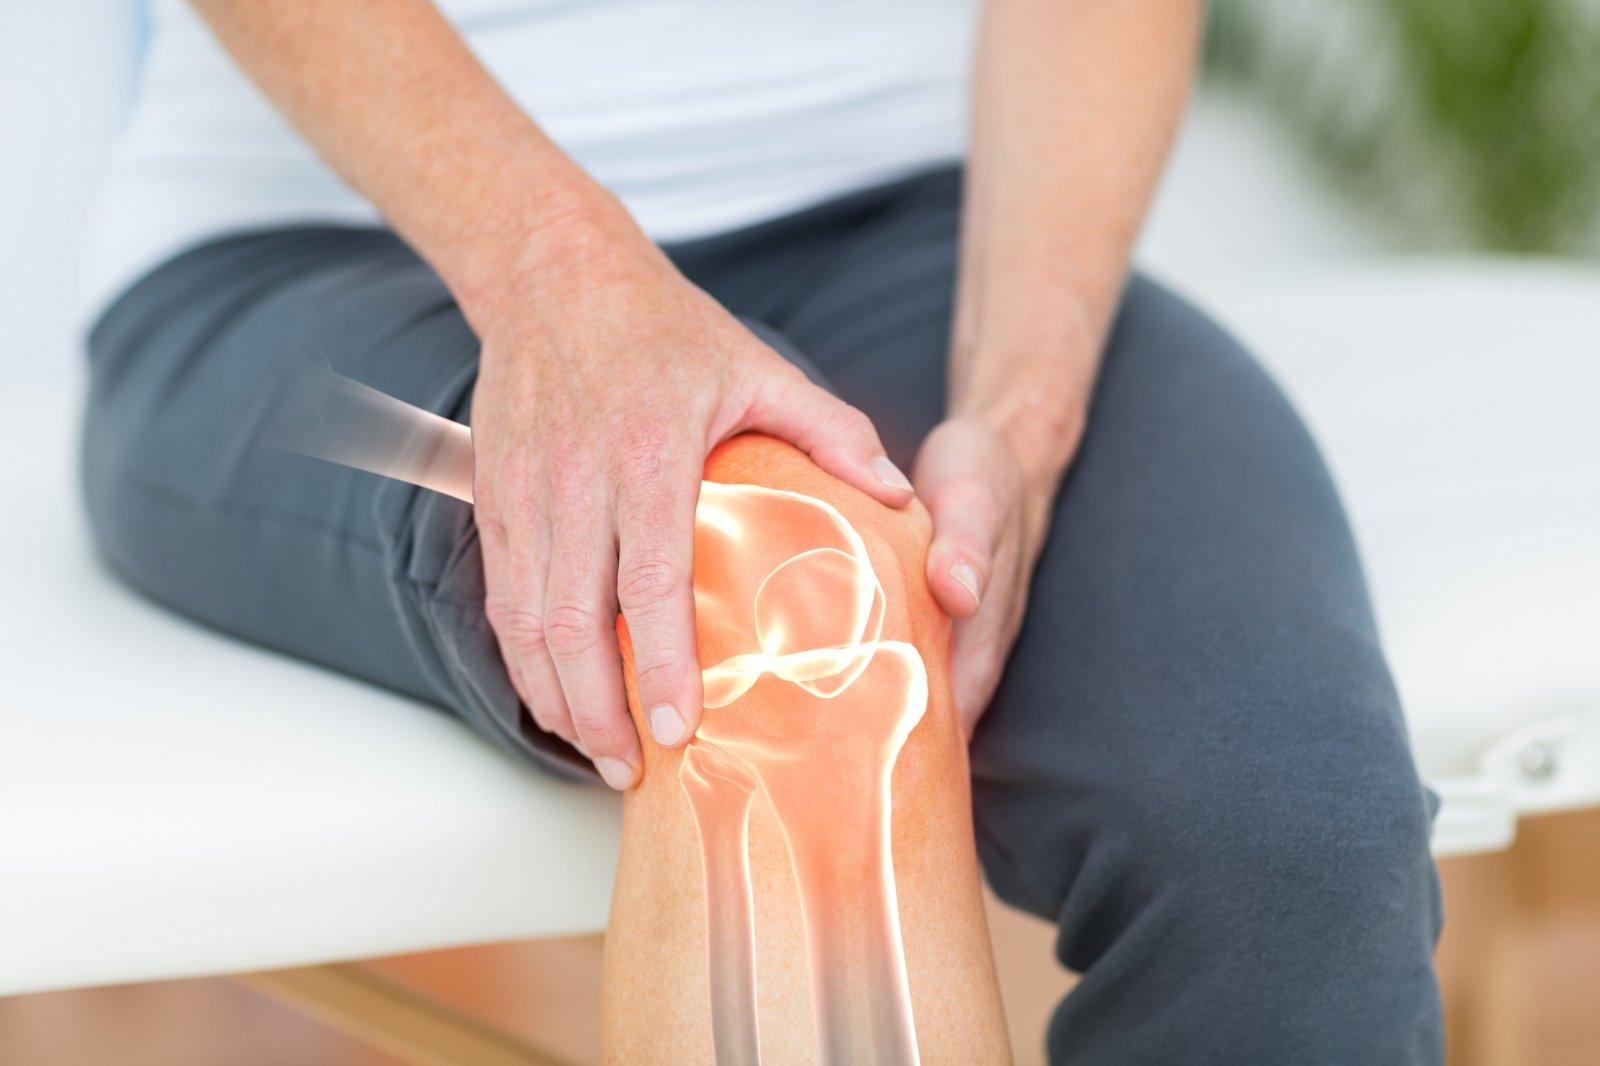 liaudies gynimo priemonės skirtos pirštų sąnarių skausmo